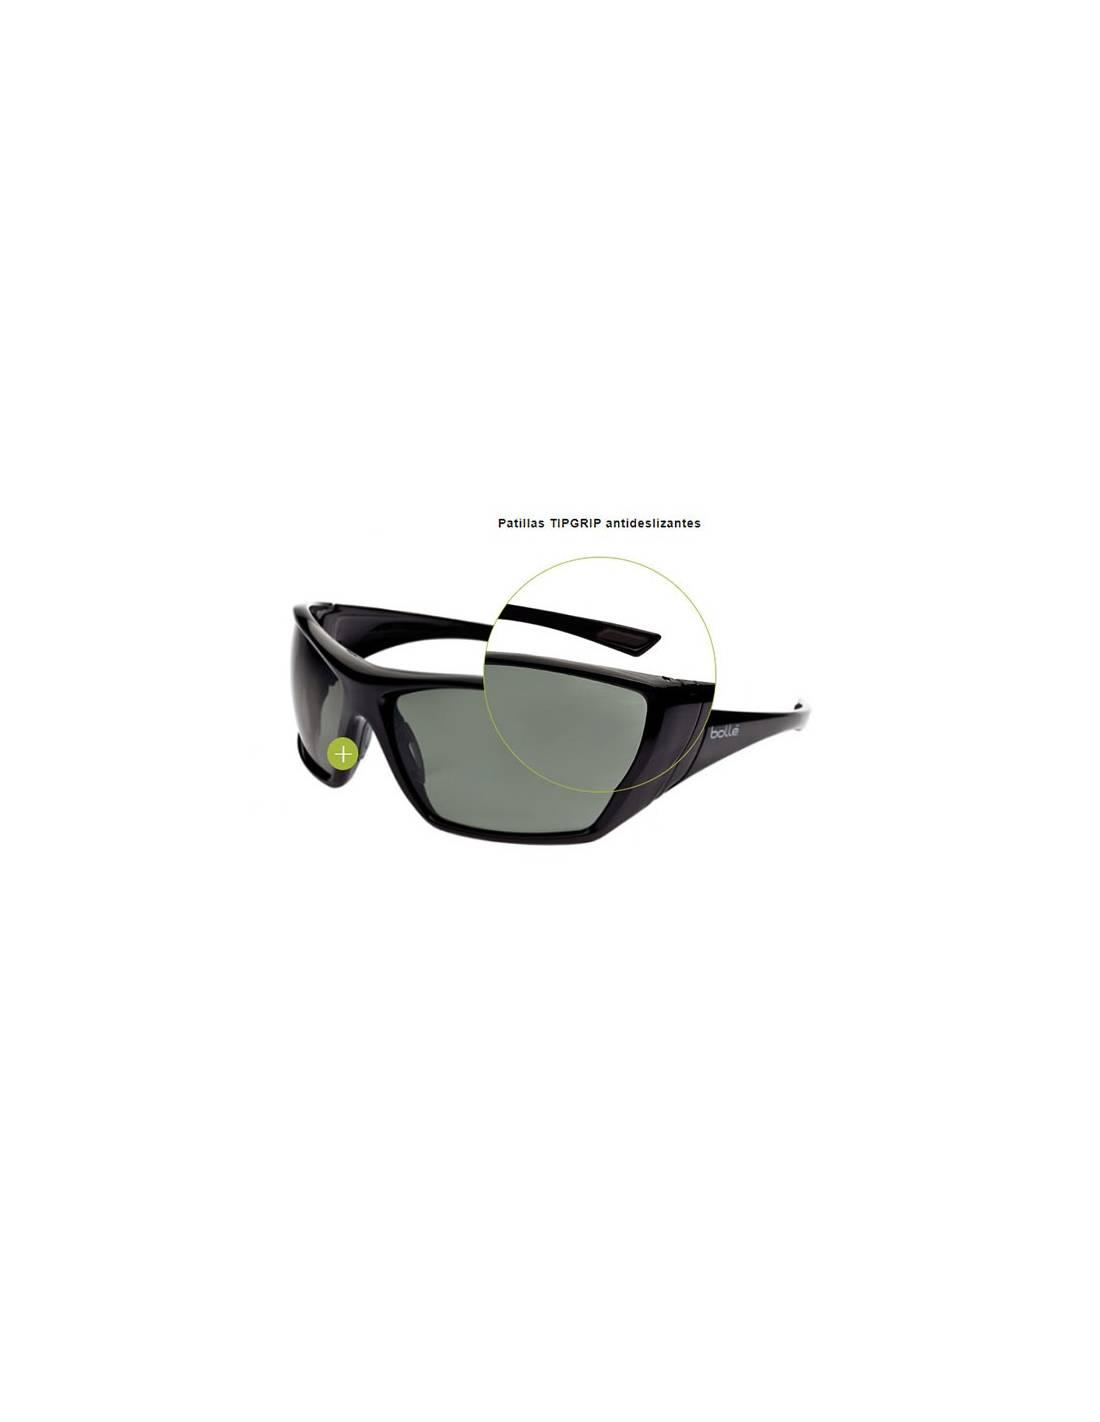 0081326e86 Gafas de sol de seguridad Hustler Bollé Polarizadas Anti impactos